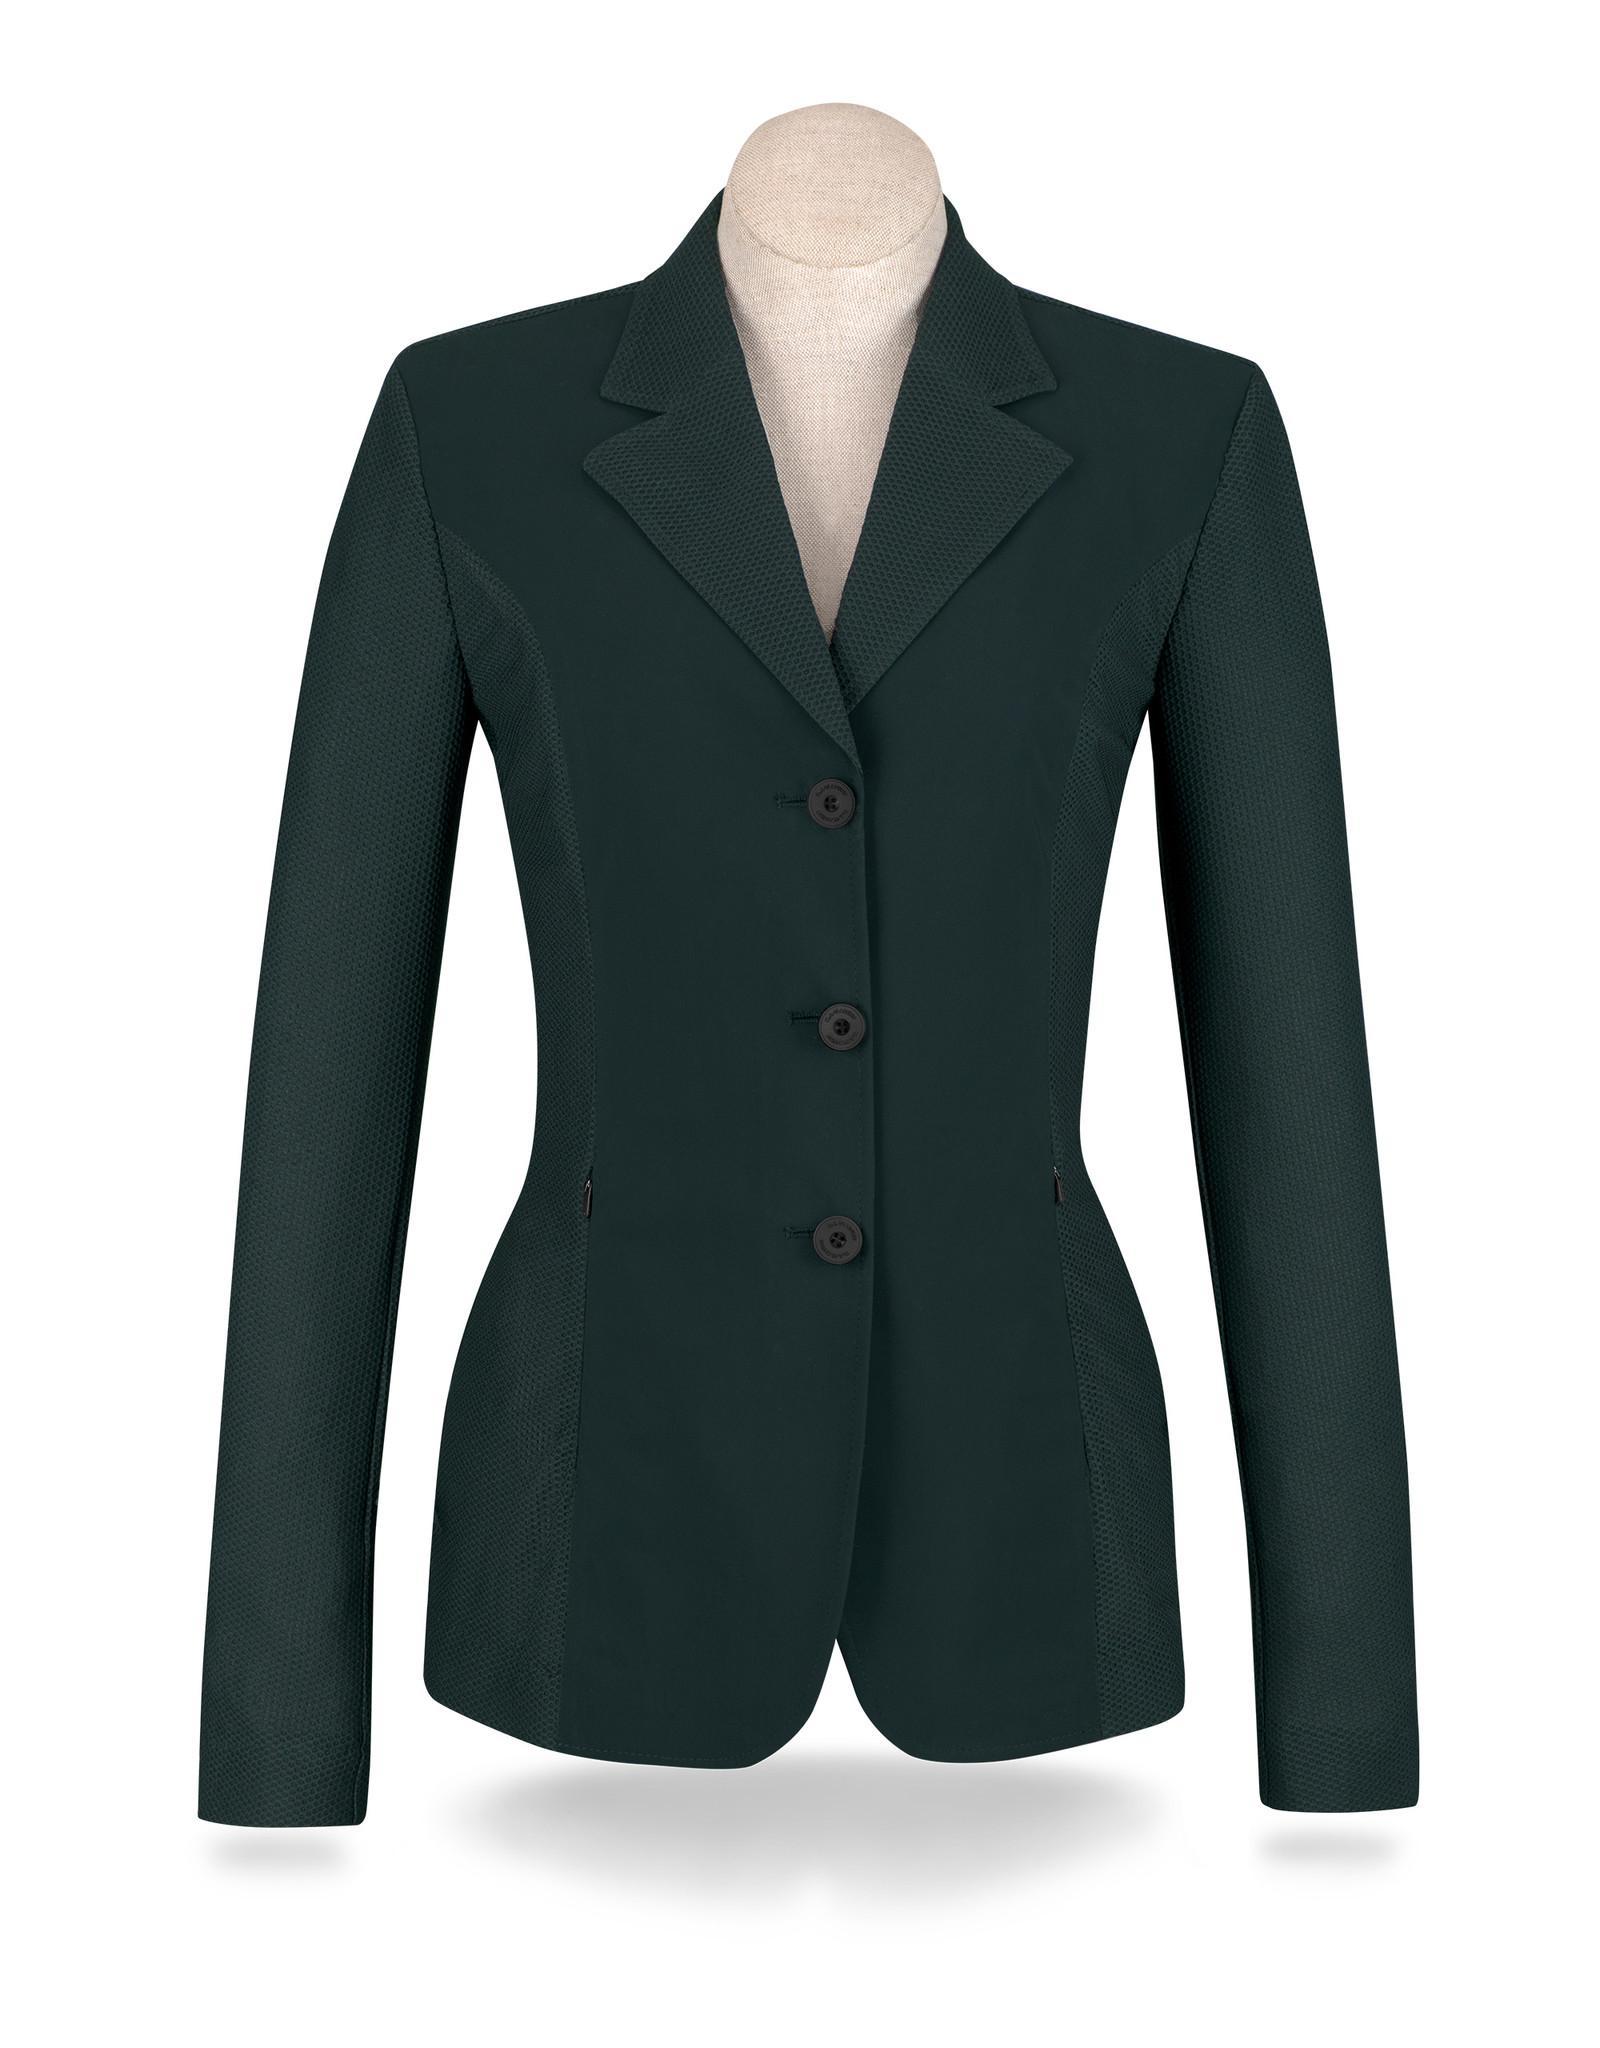 RJ CLASSICS Harmony Ladies' Mesh Show Coat